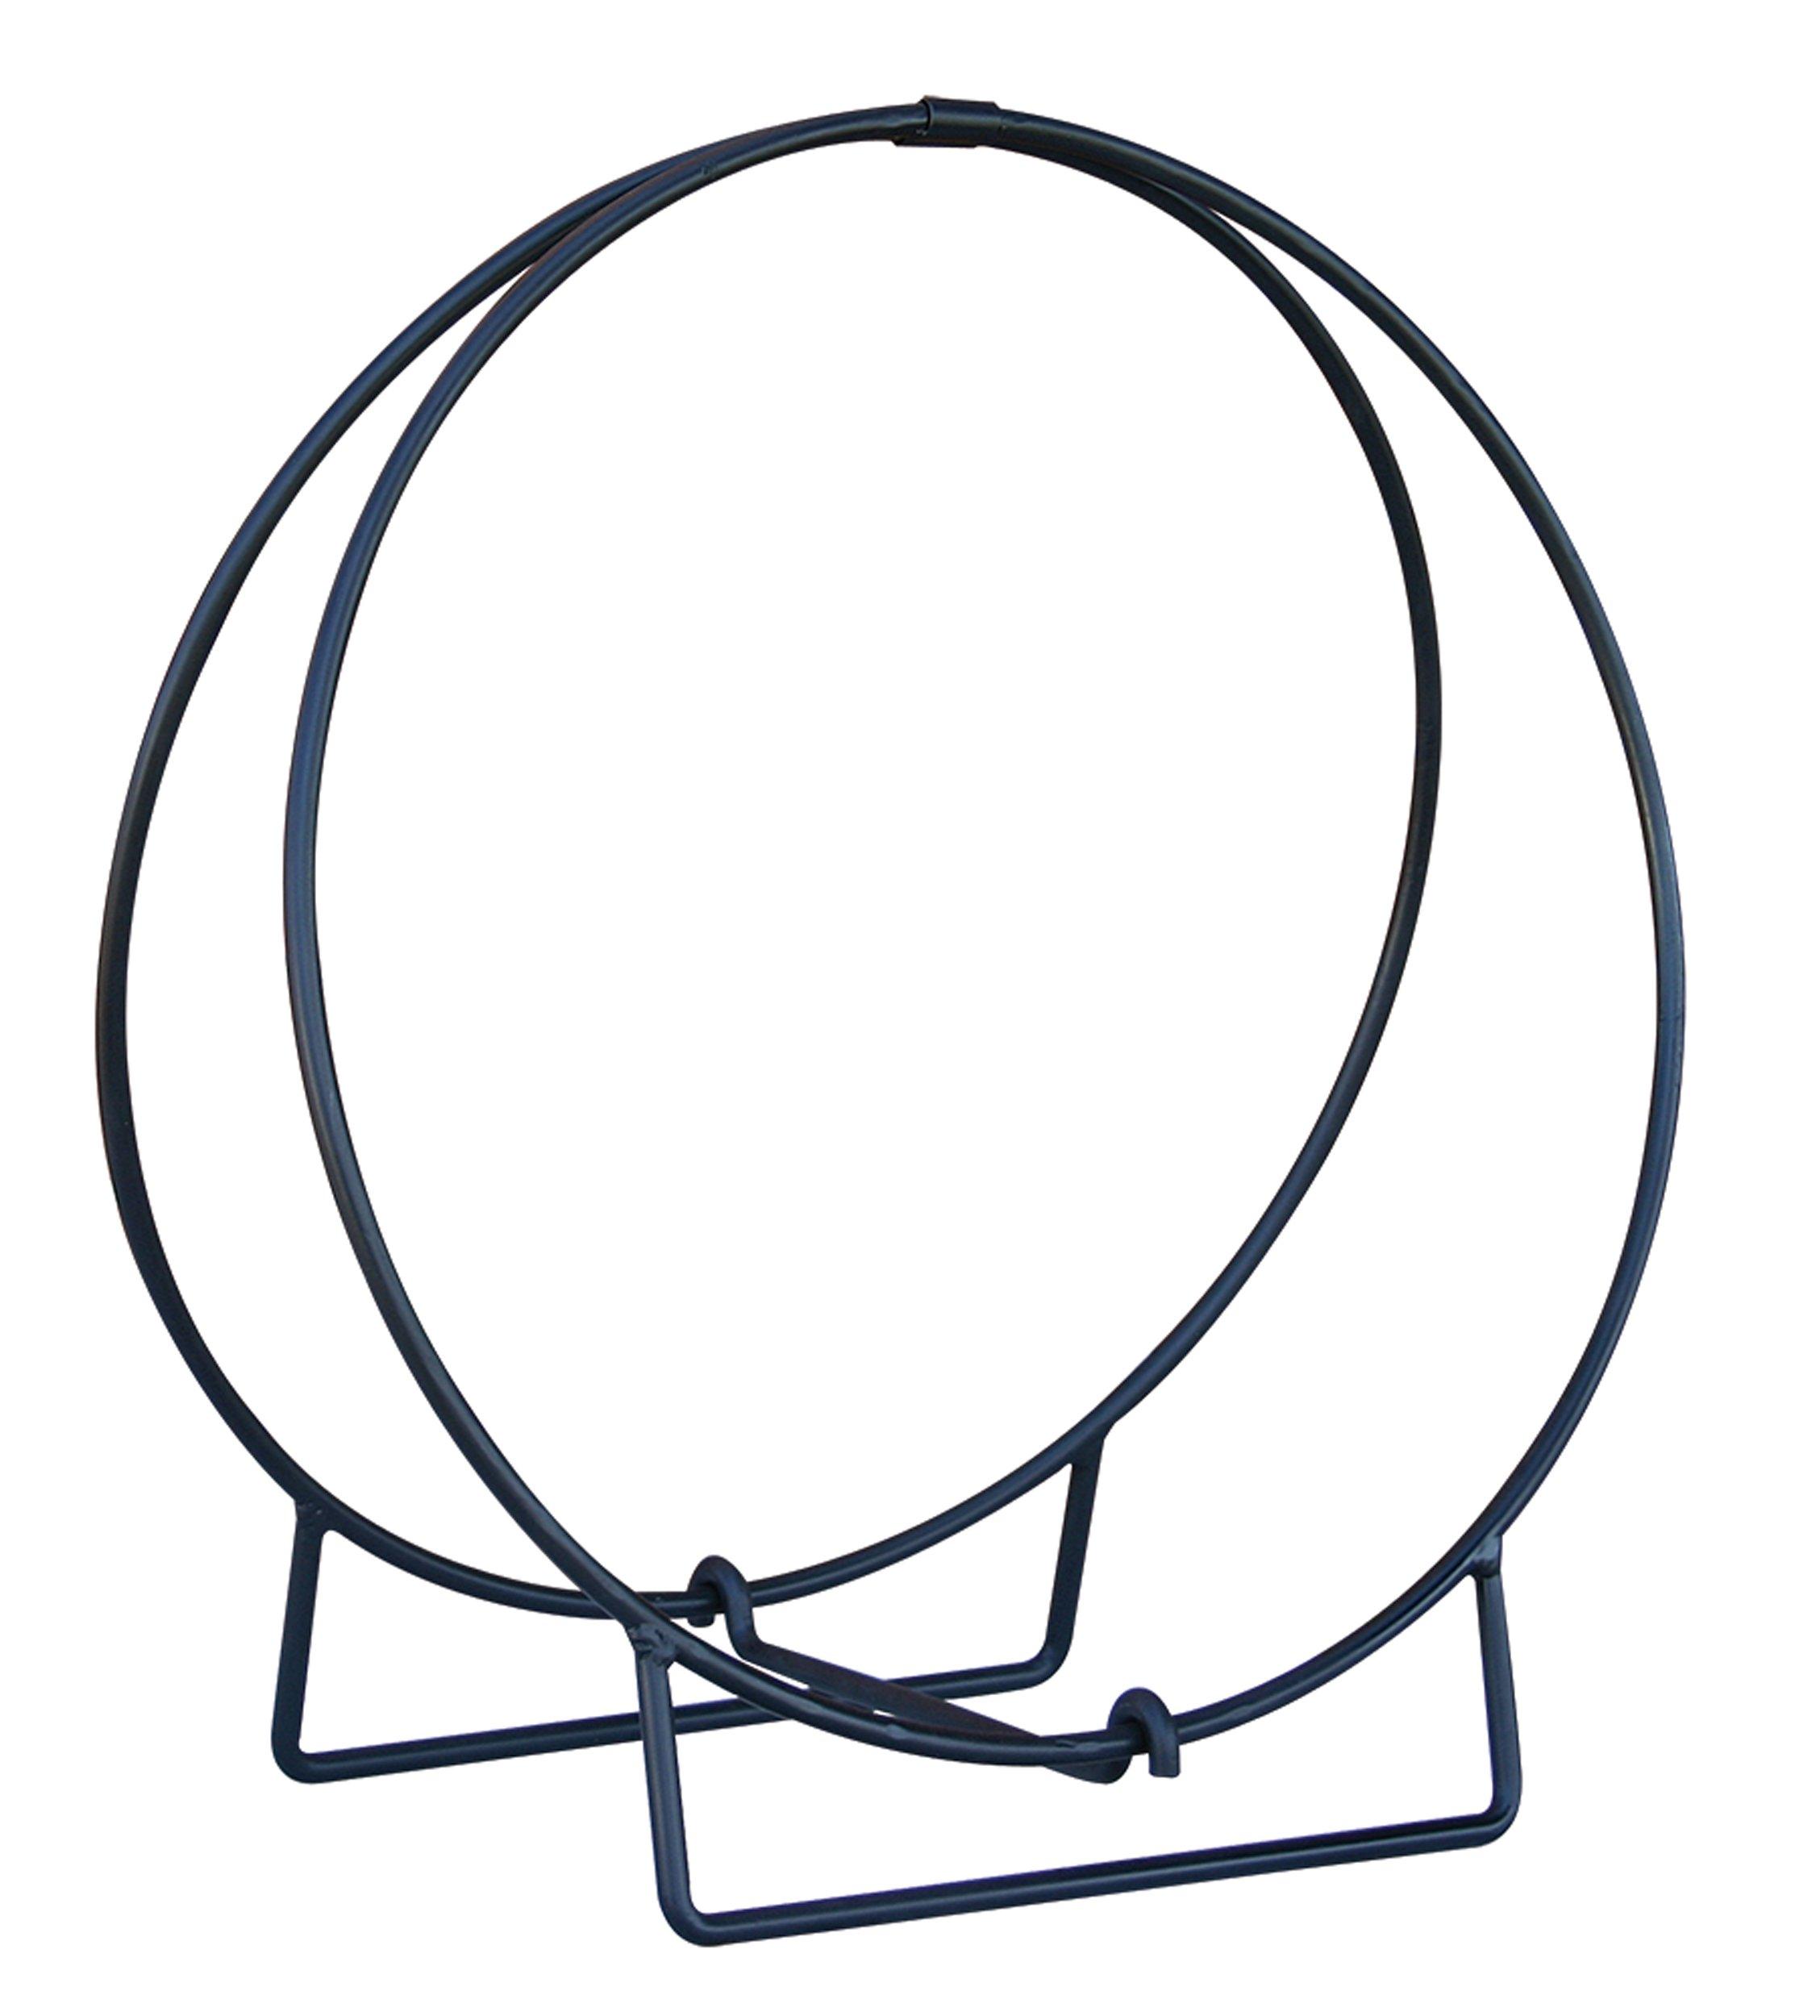 Uniflame Log Hoop with 1/2'' Solid Stock, Black, 36 by Uniflame